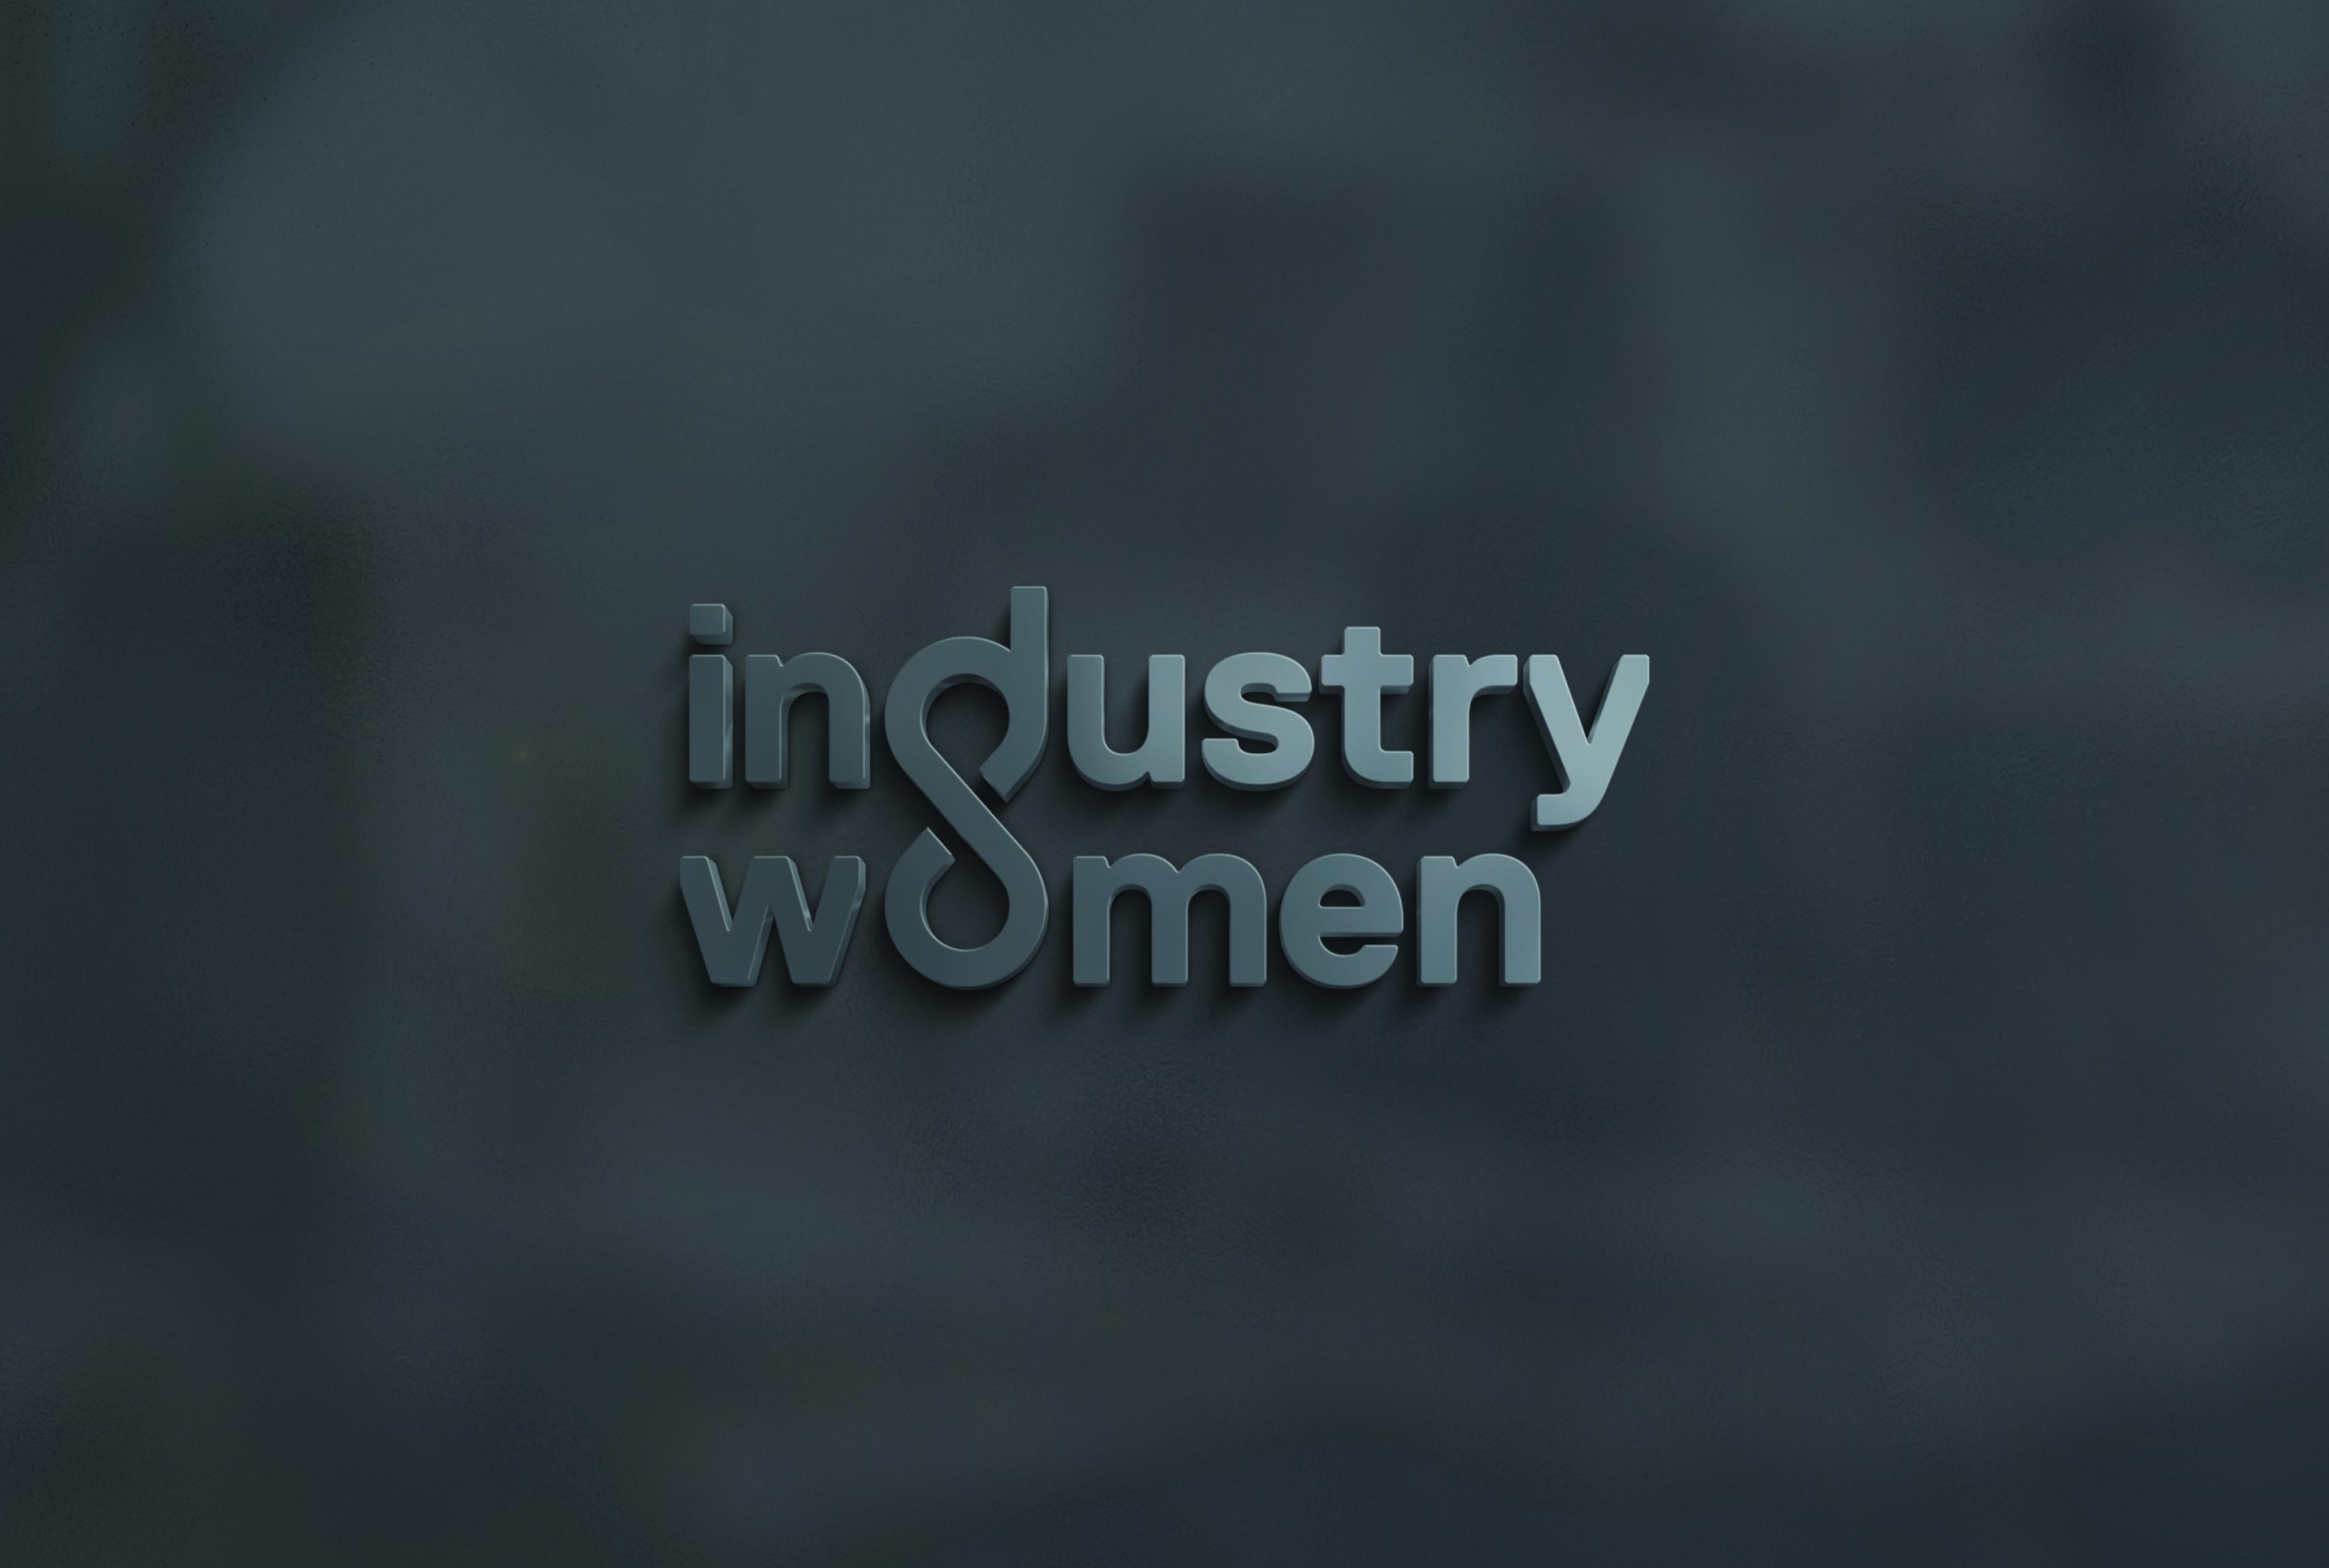 Industry Women